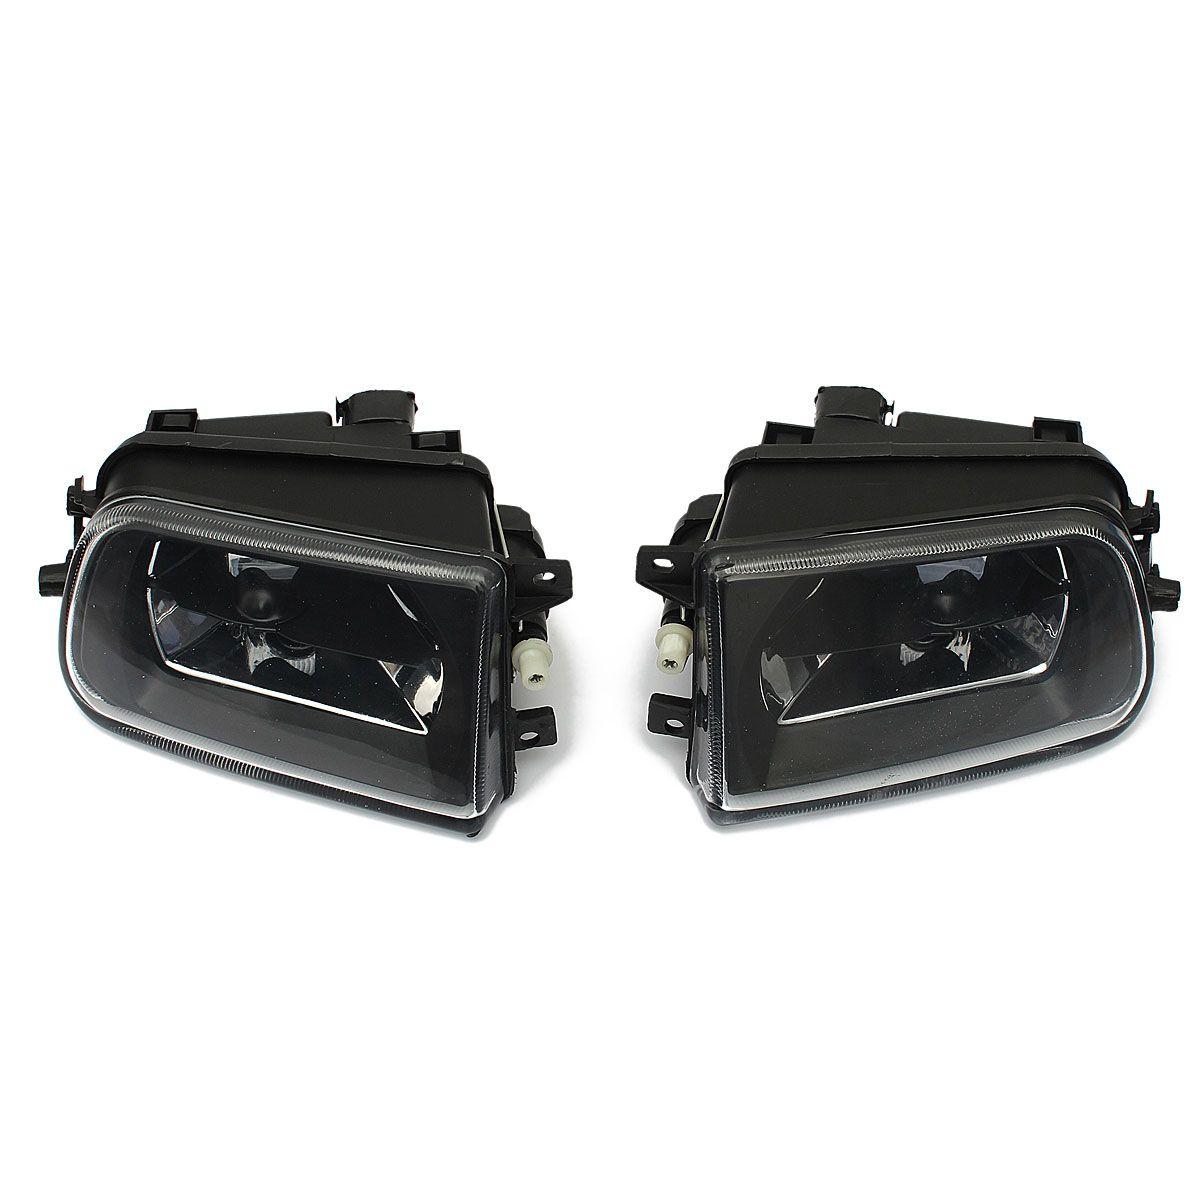 1 пара Противотуманные фары автомобиля Корпус вождения пятно света черный Корпус для BMW E39 5 серии Z3 1997-2000